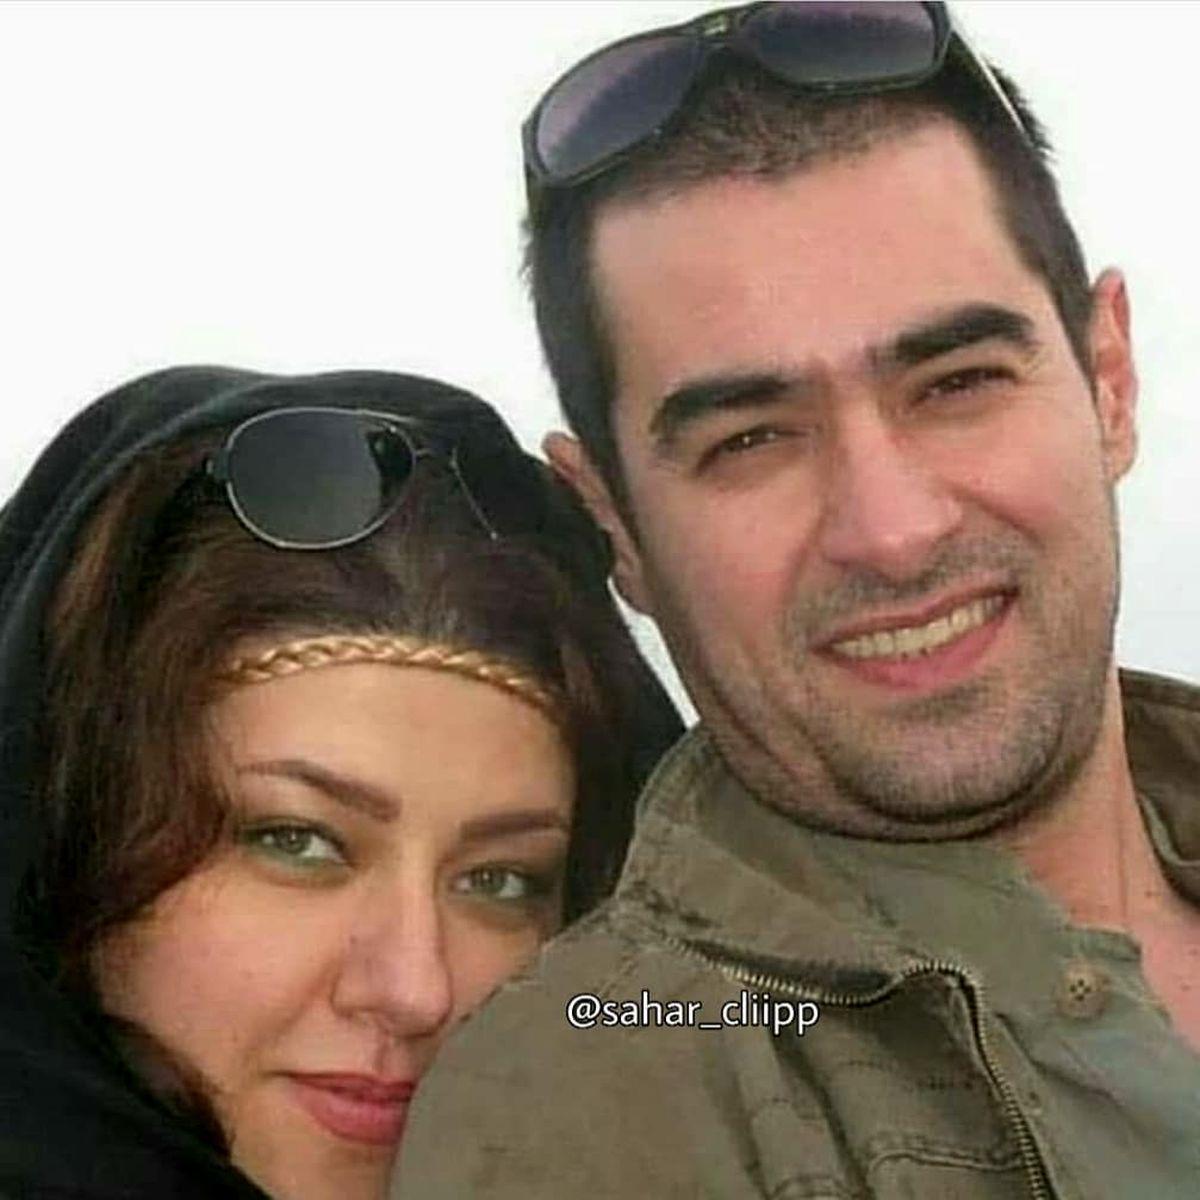 شلوار کوتاه و کفش تابستانی همسر شهاب حسینی + عکس